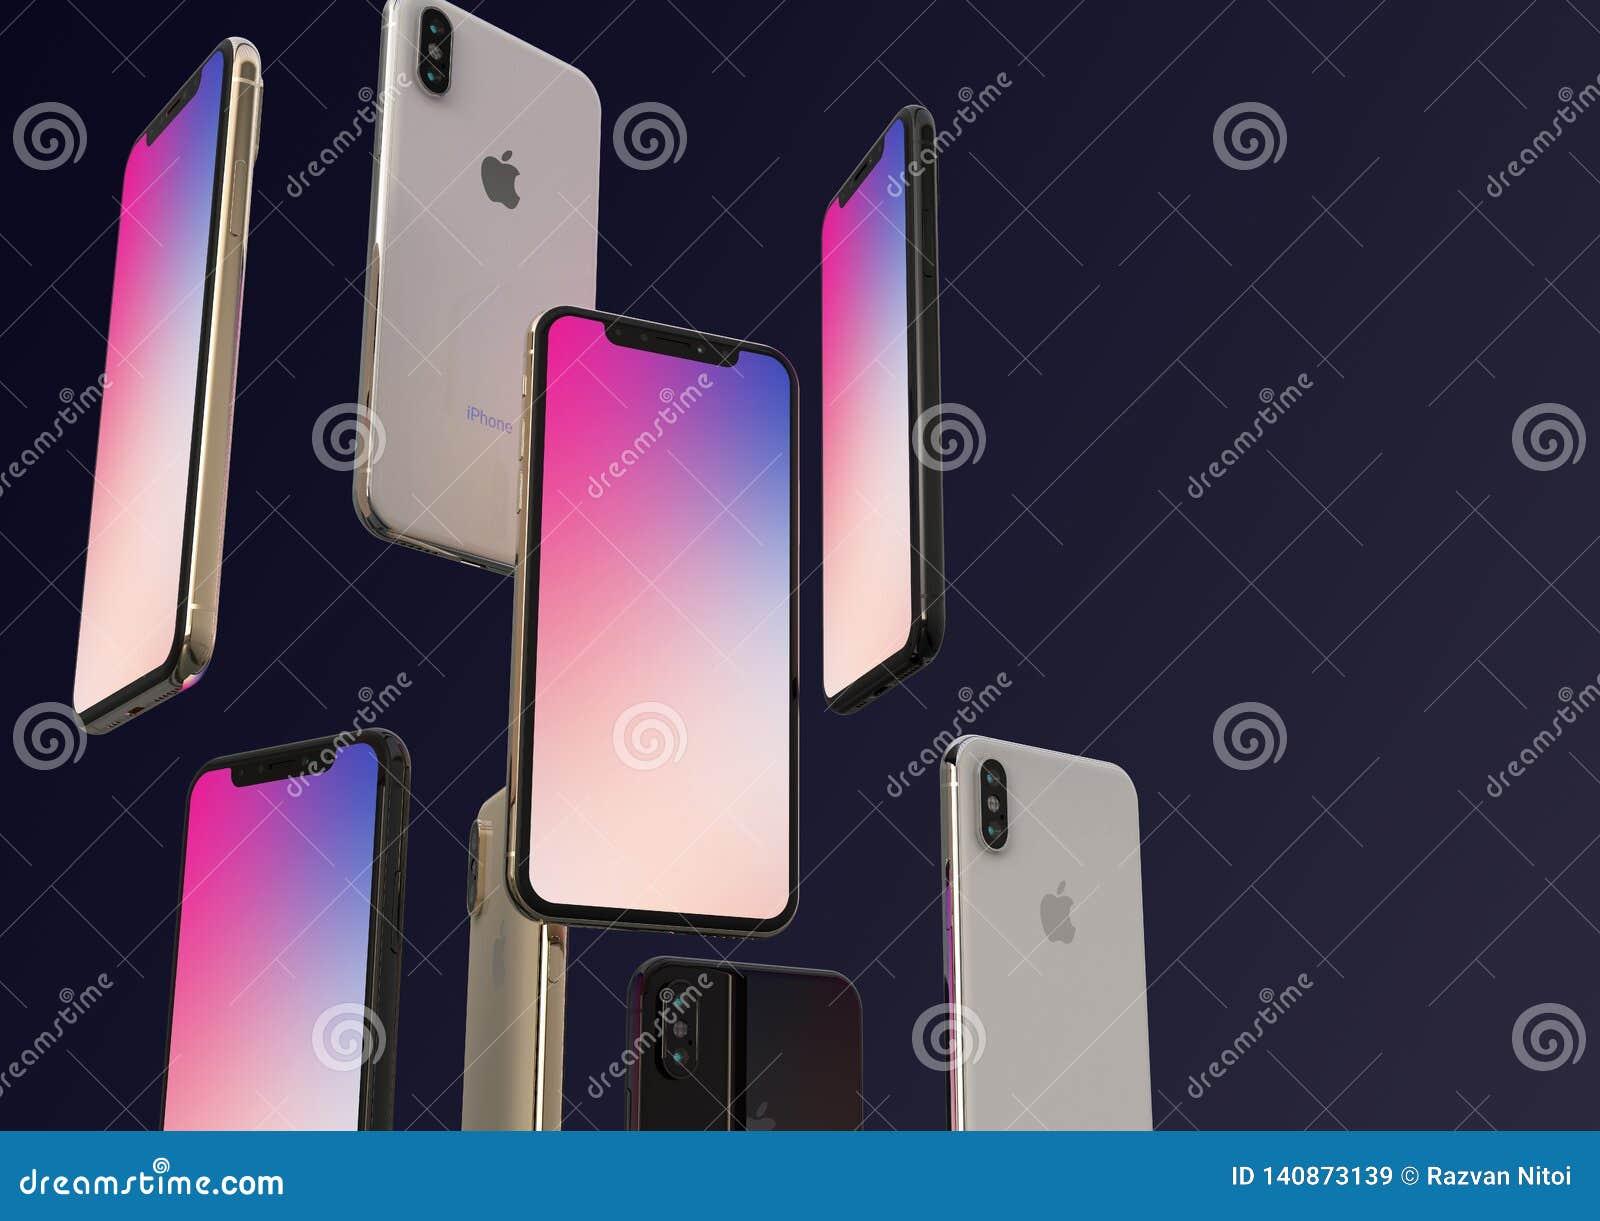 IPhonexs Gouden, Zilveren en Ruimte Grijze smartphones, die in lucht, het kleurrijke scherm drijven